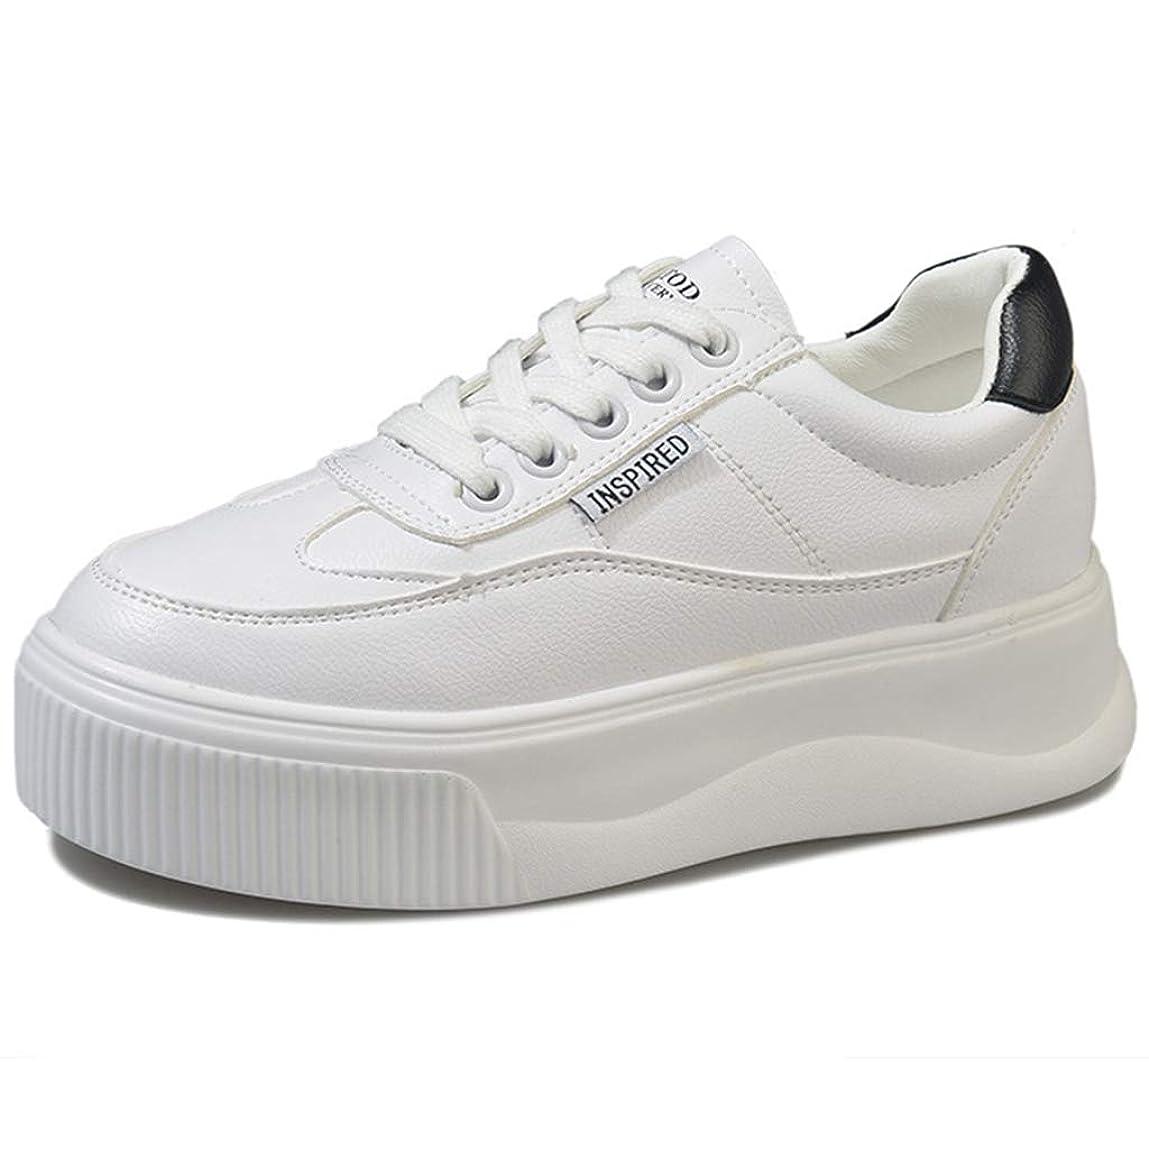 下考案するわずらわしい[幸福マーケット] 厚底スニーカー ホワイト 白 レザー レディース シューズ インソール 5.5cm 身長アップ 無地 学生靴 シークレット プラットフォーム ヒップホップ 可愛い 美脚 定番 防水 防滑 軽量 快適 歩きやすい